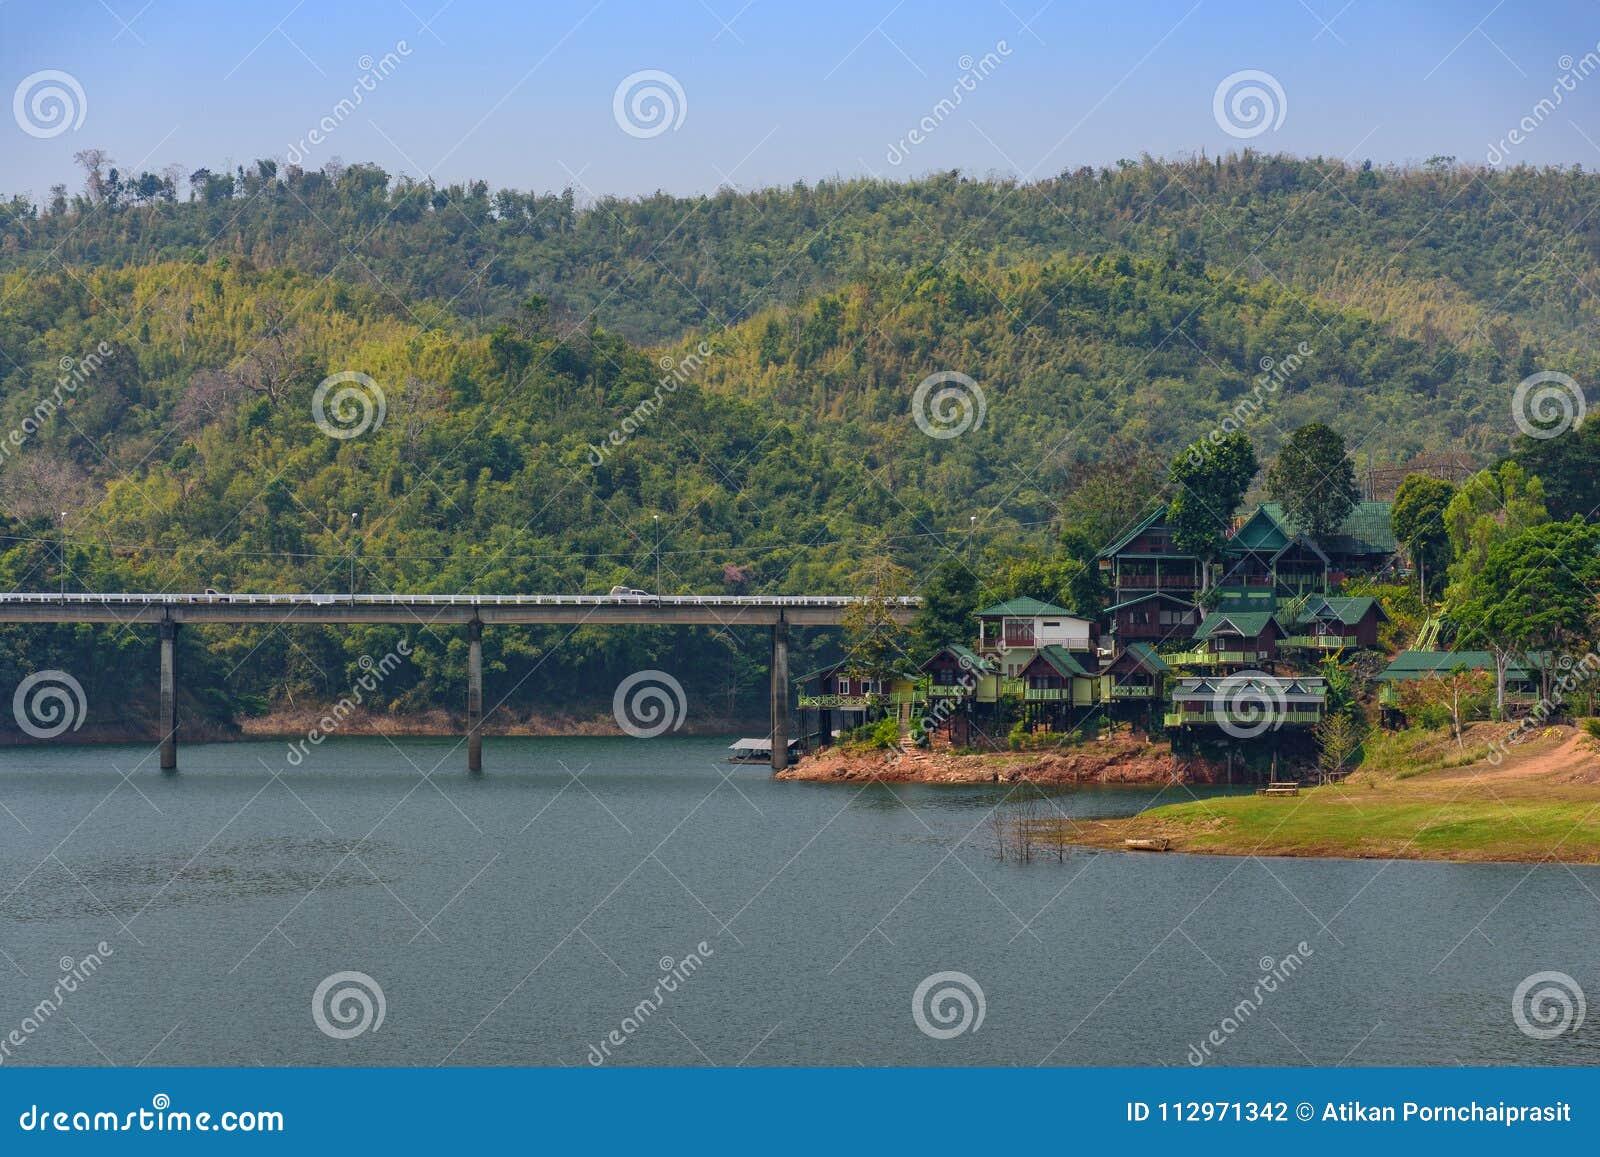 Kanchanaburi, Tailandia - 19 de febrero de 2018: Puente grande hecho de